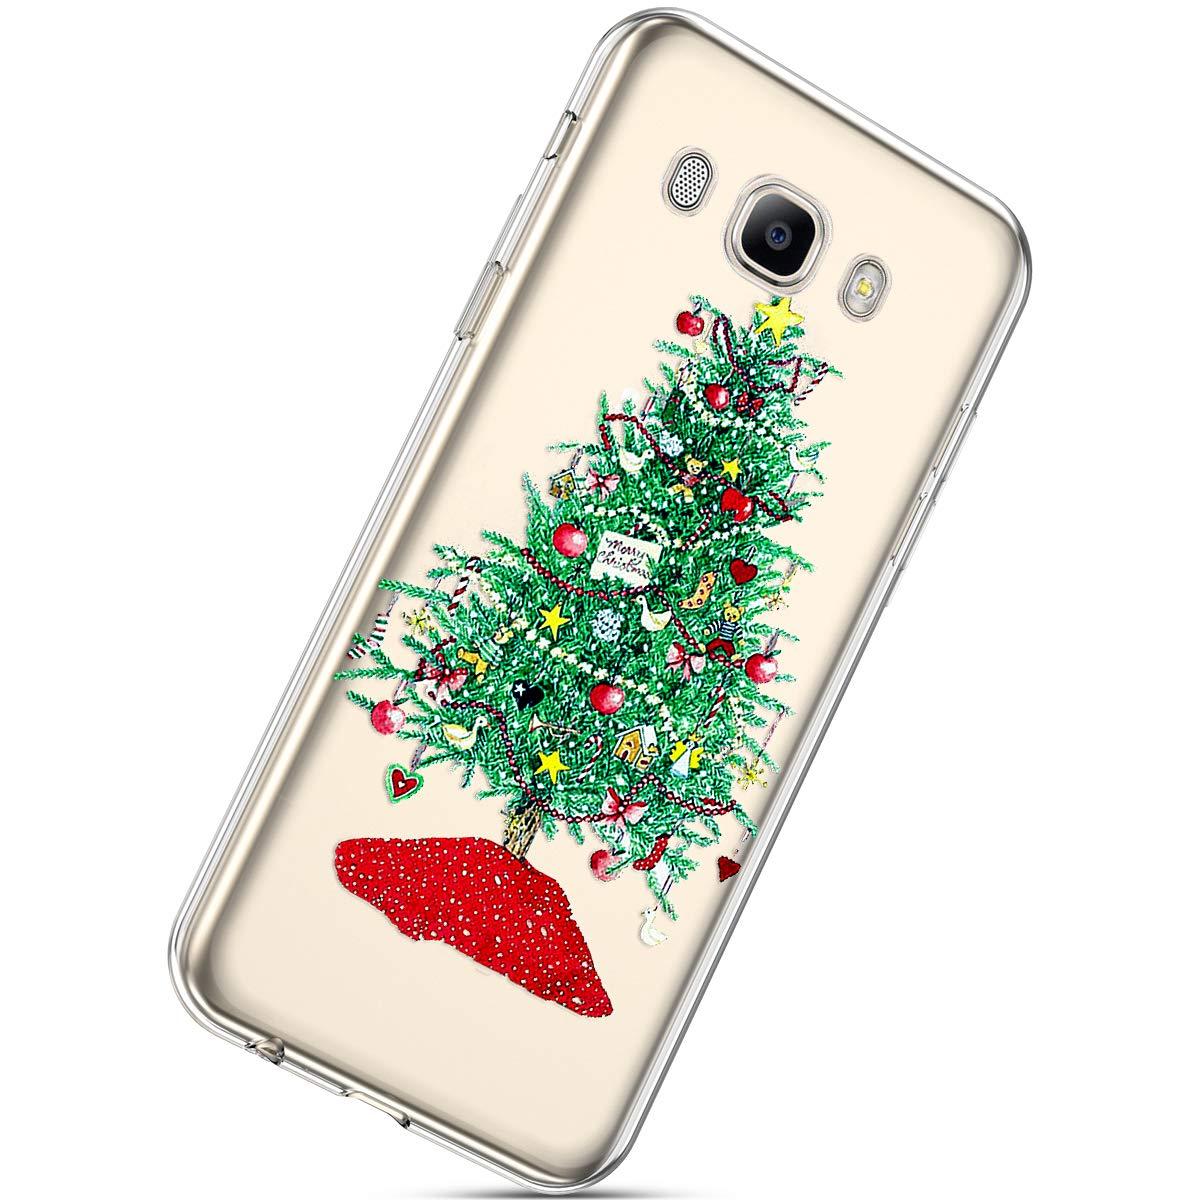 Herbests Galaxy J5 2016 Silicone Coque avec Noë l Motif, Ultra Mince Crystal Clear Transparent Silicone Soft TPU Doux Caoutchouc Bumper Anti Choc Hosse Etui Case, Noë l #7 Noël #7 HER005478